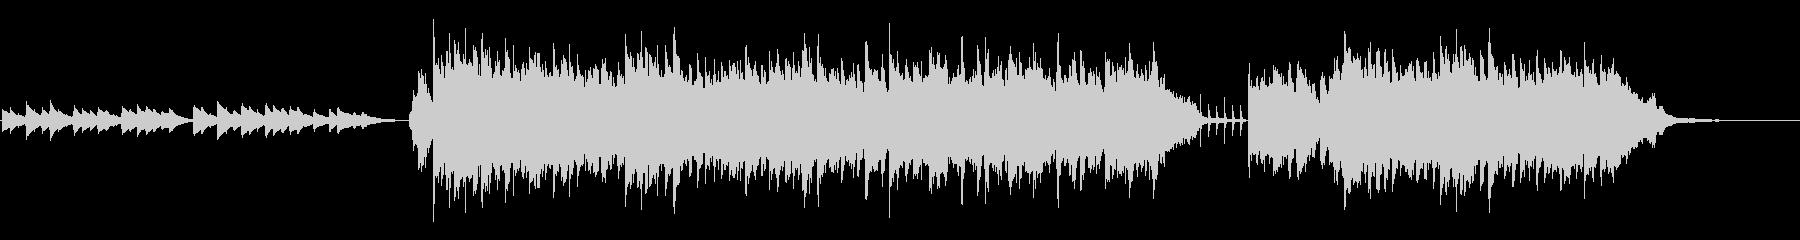 オルゴールサウンドのやさしいBGMの未再生の波形